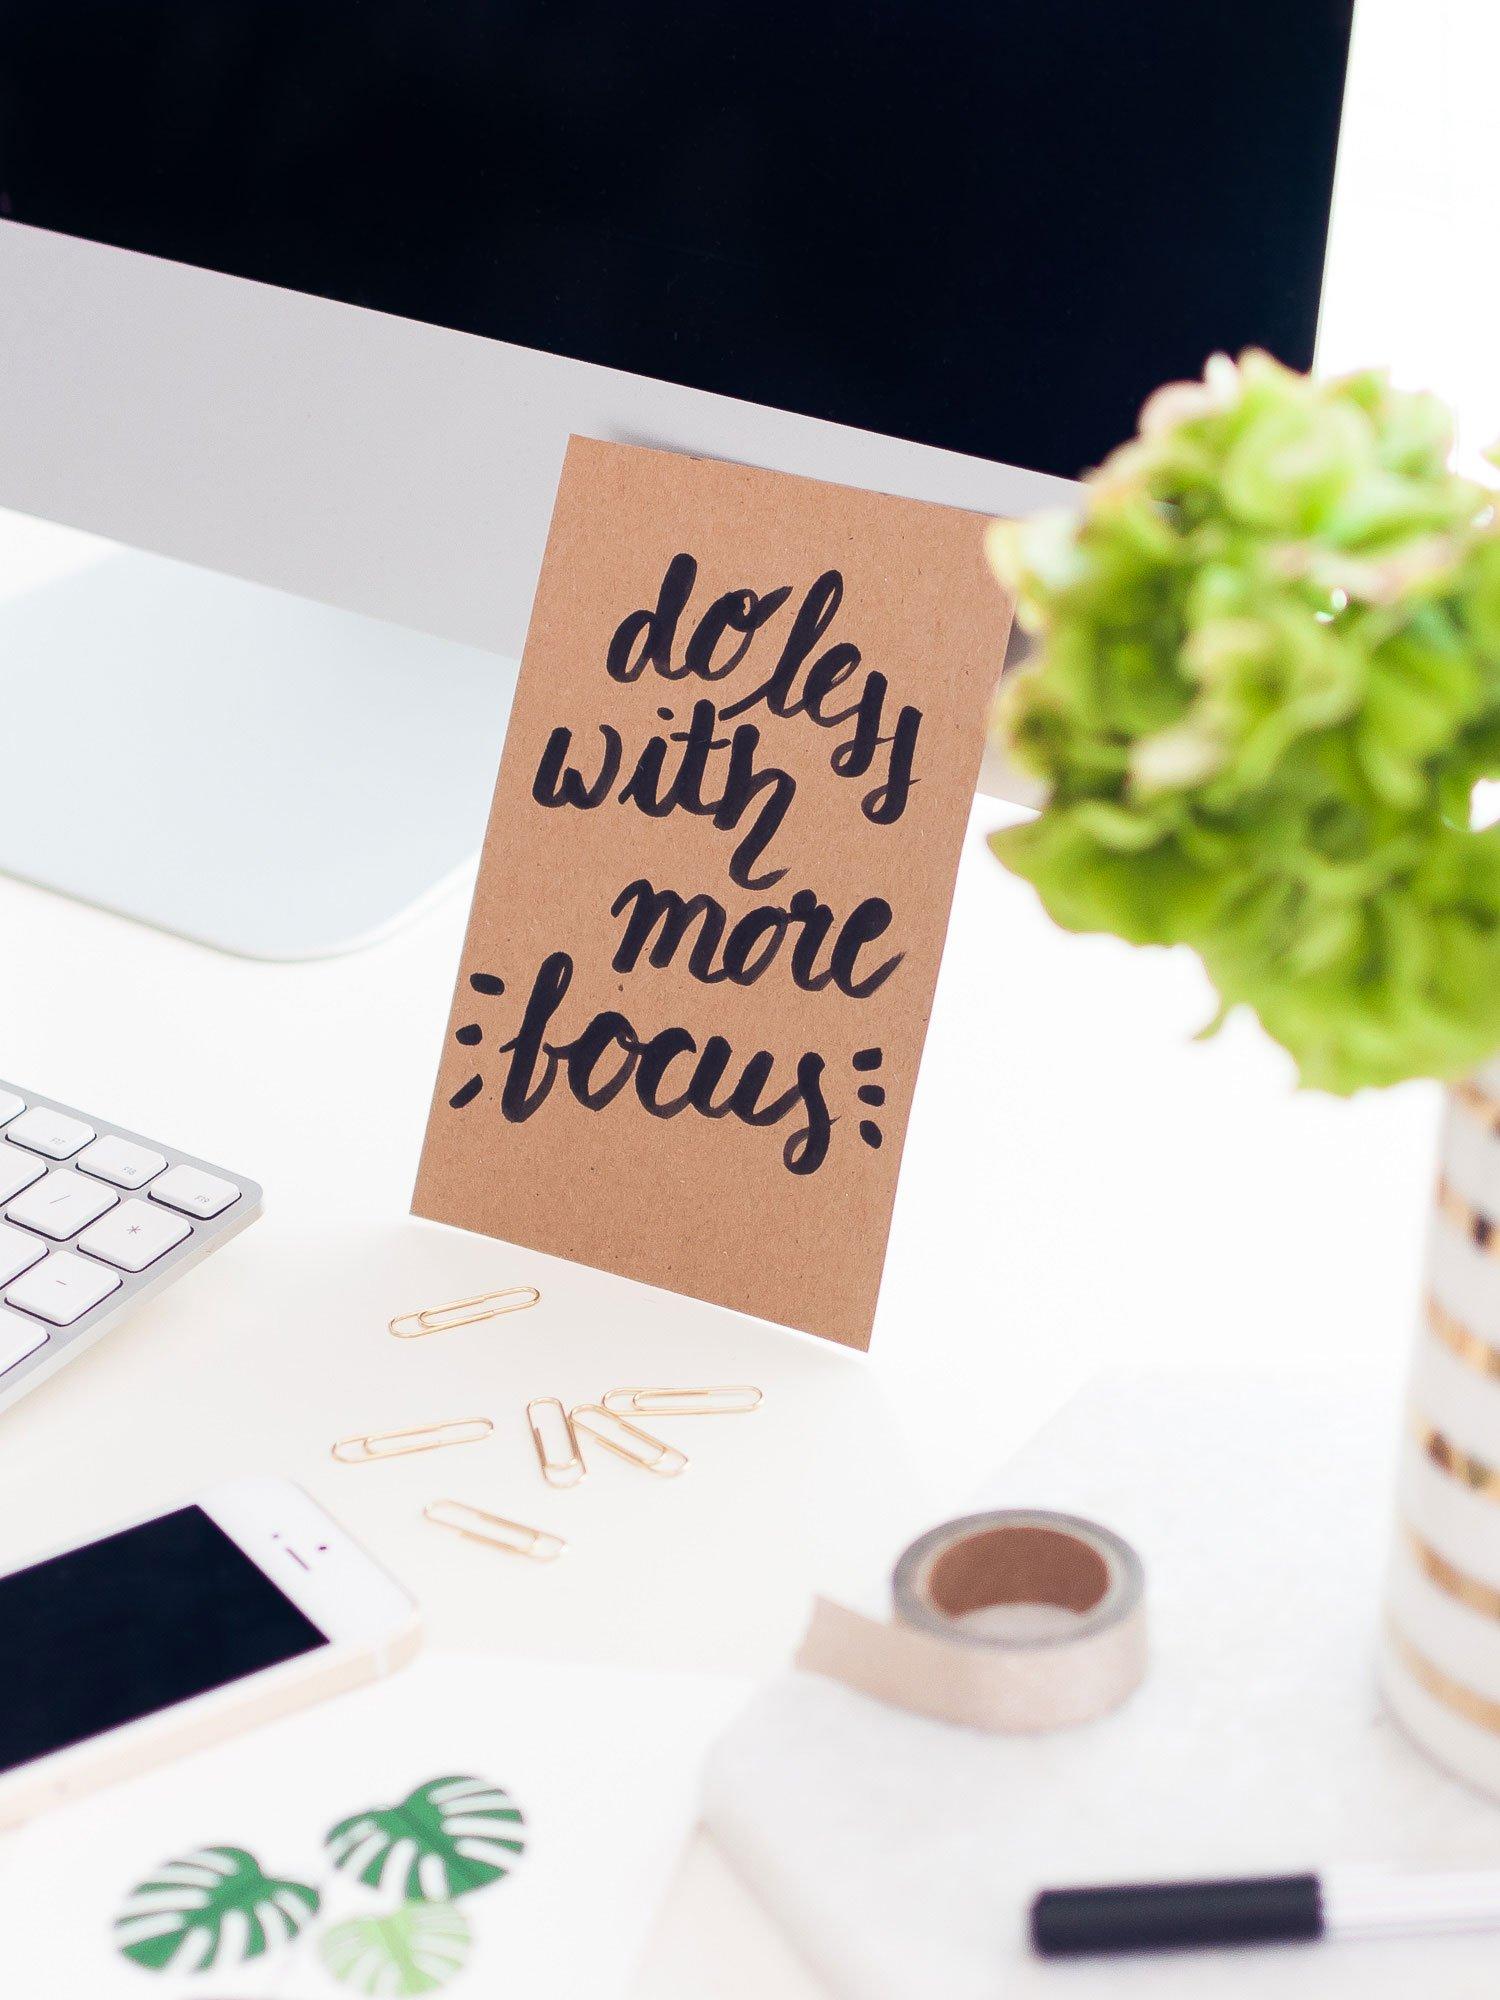 Welche 3 Fehler du bei deiner To-Do-Liste unbedingt vermeiden solltest + kostenloser Tagesplaner zum Download! #tagesplaner #todoliste #planer #organisation #produktivität #selbstständig #freelancer #homeoffice #freebie #kostenlos